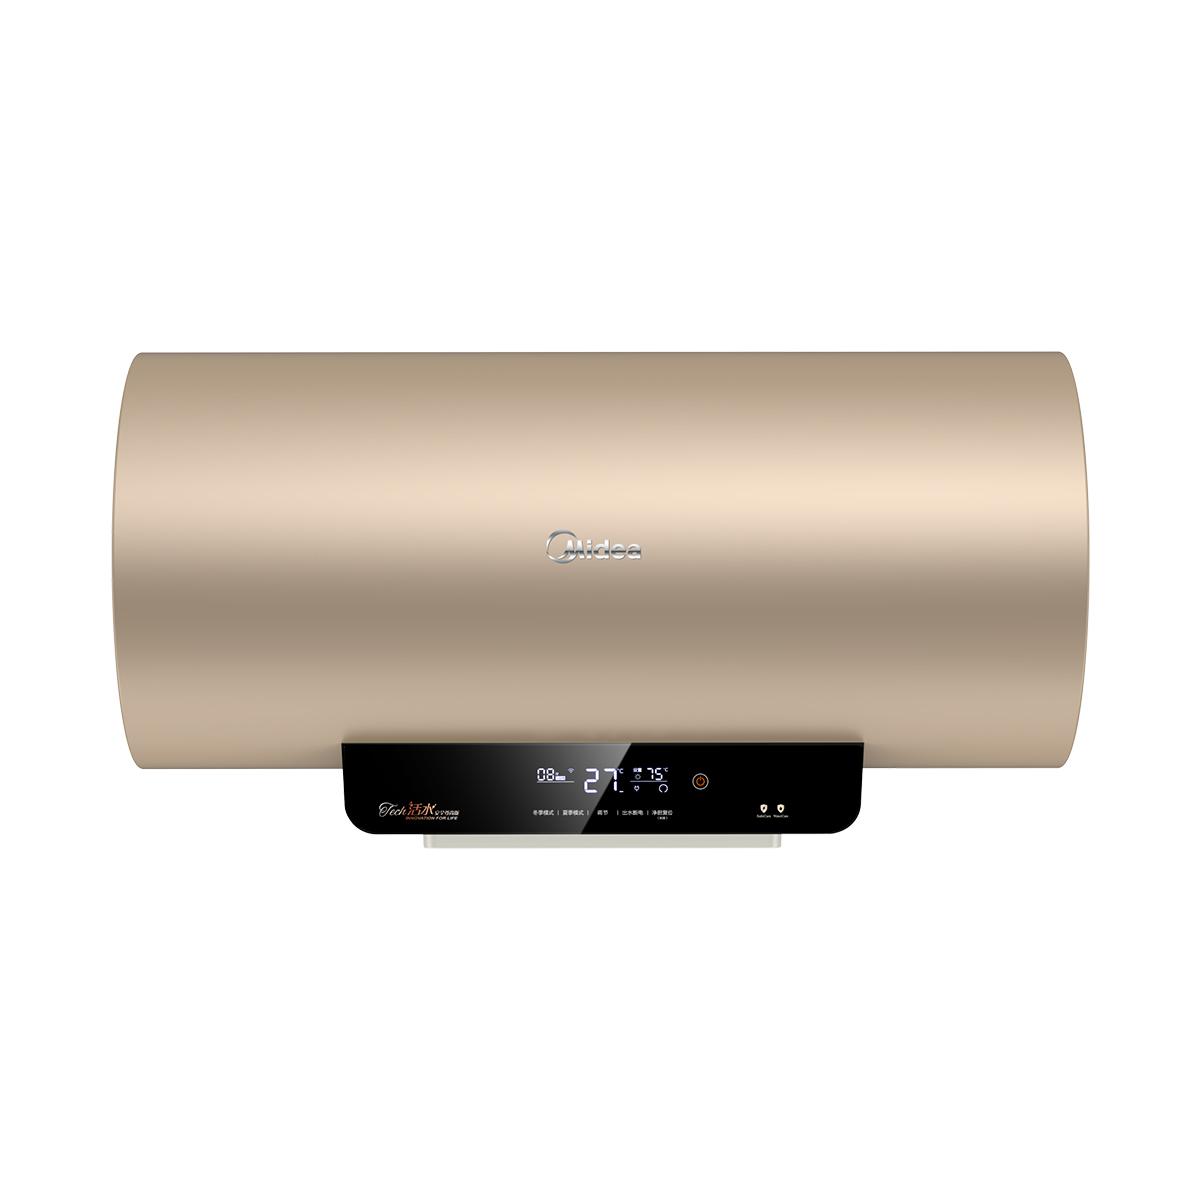 Midea/美的 F6030-A10(HEY)电热水器 说明书.pdf